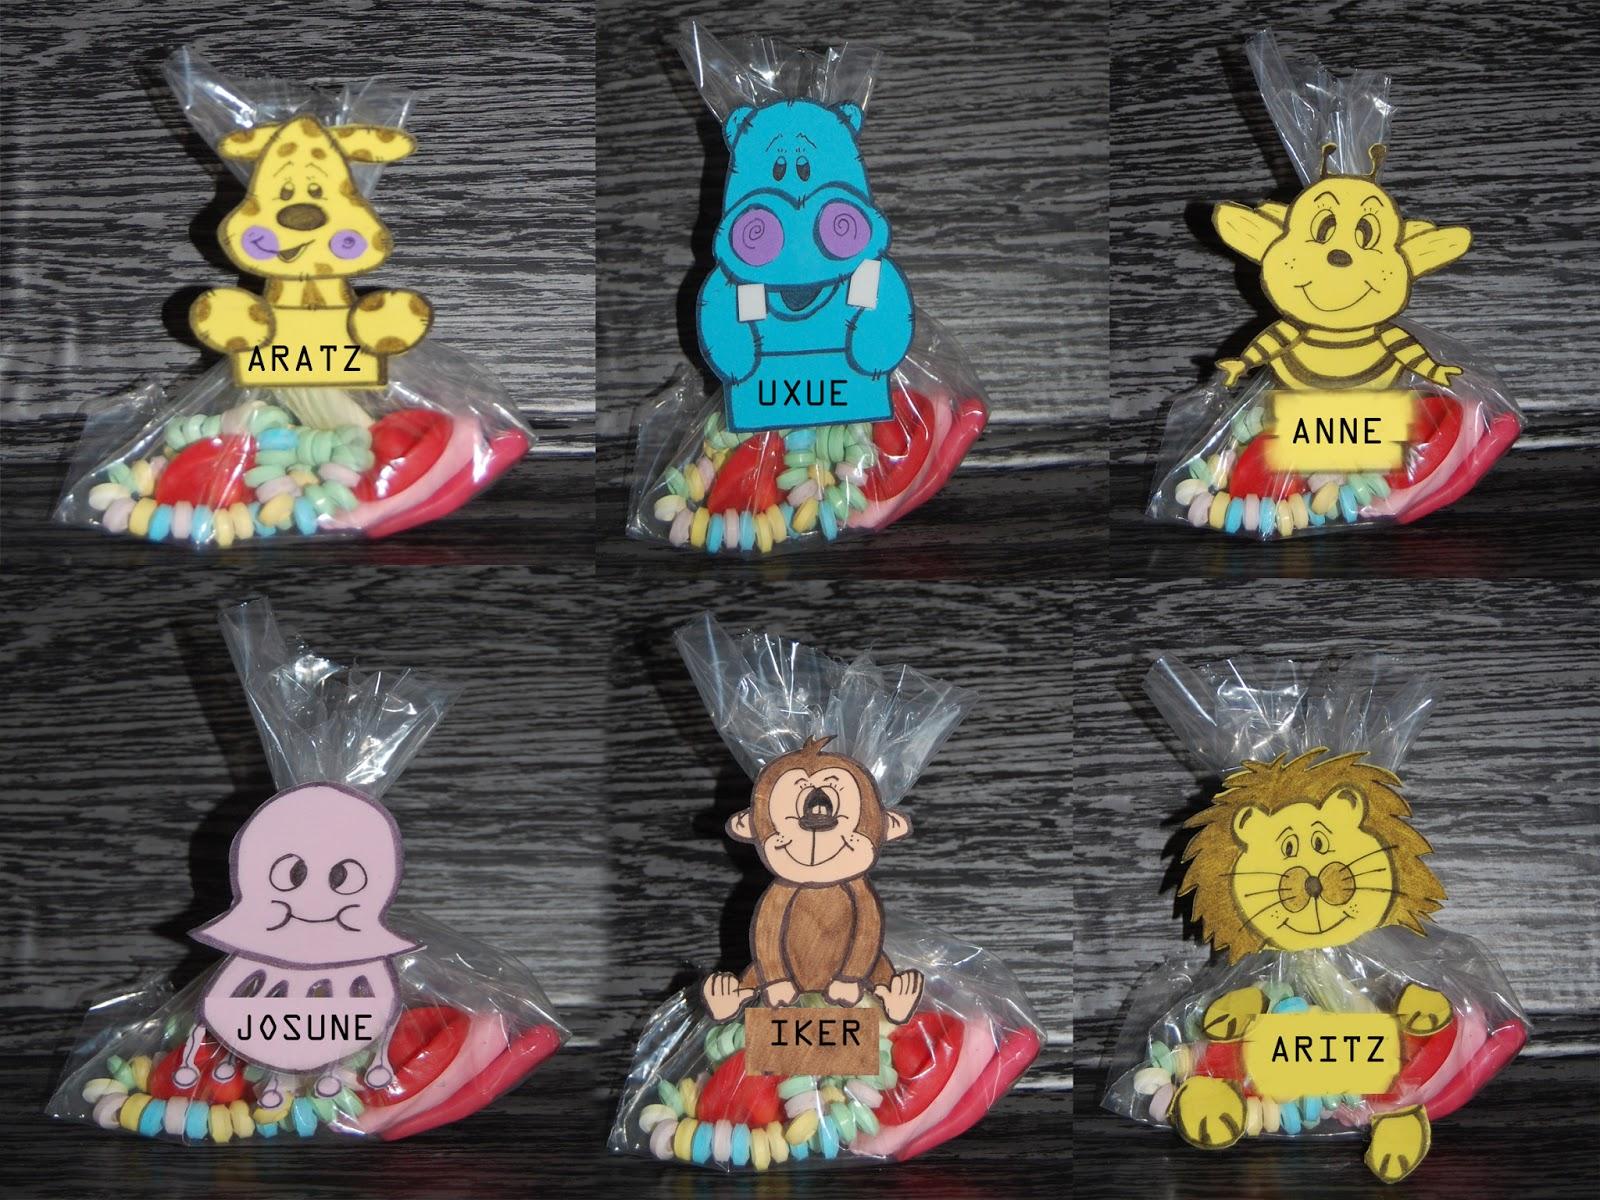 Manualidades con ilusion bolsas gominolas - Manualidades con gominolas ...